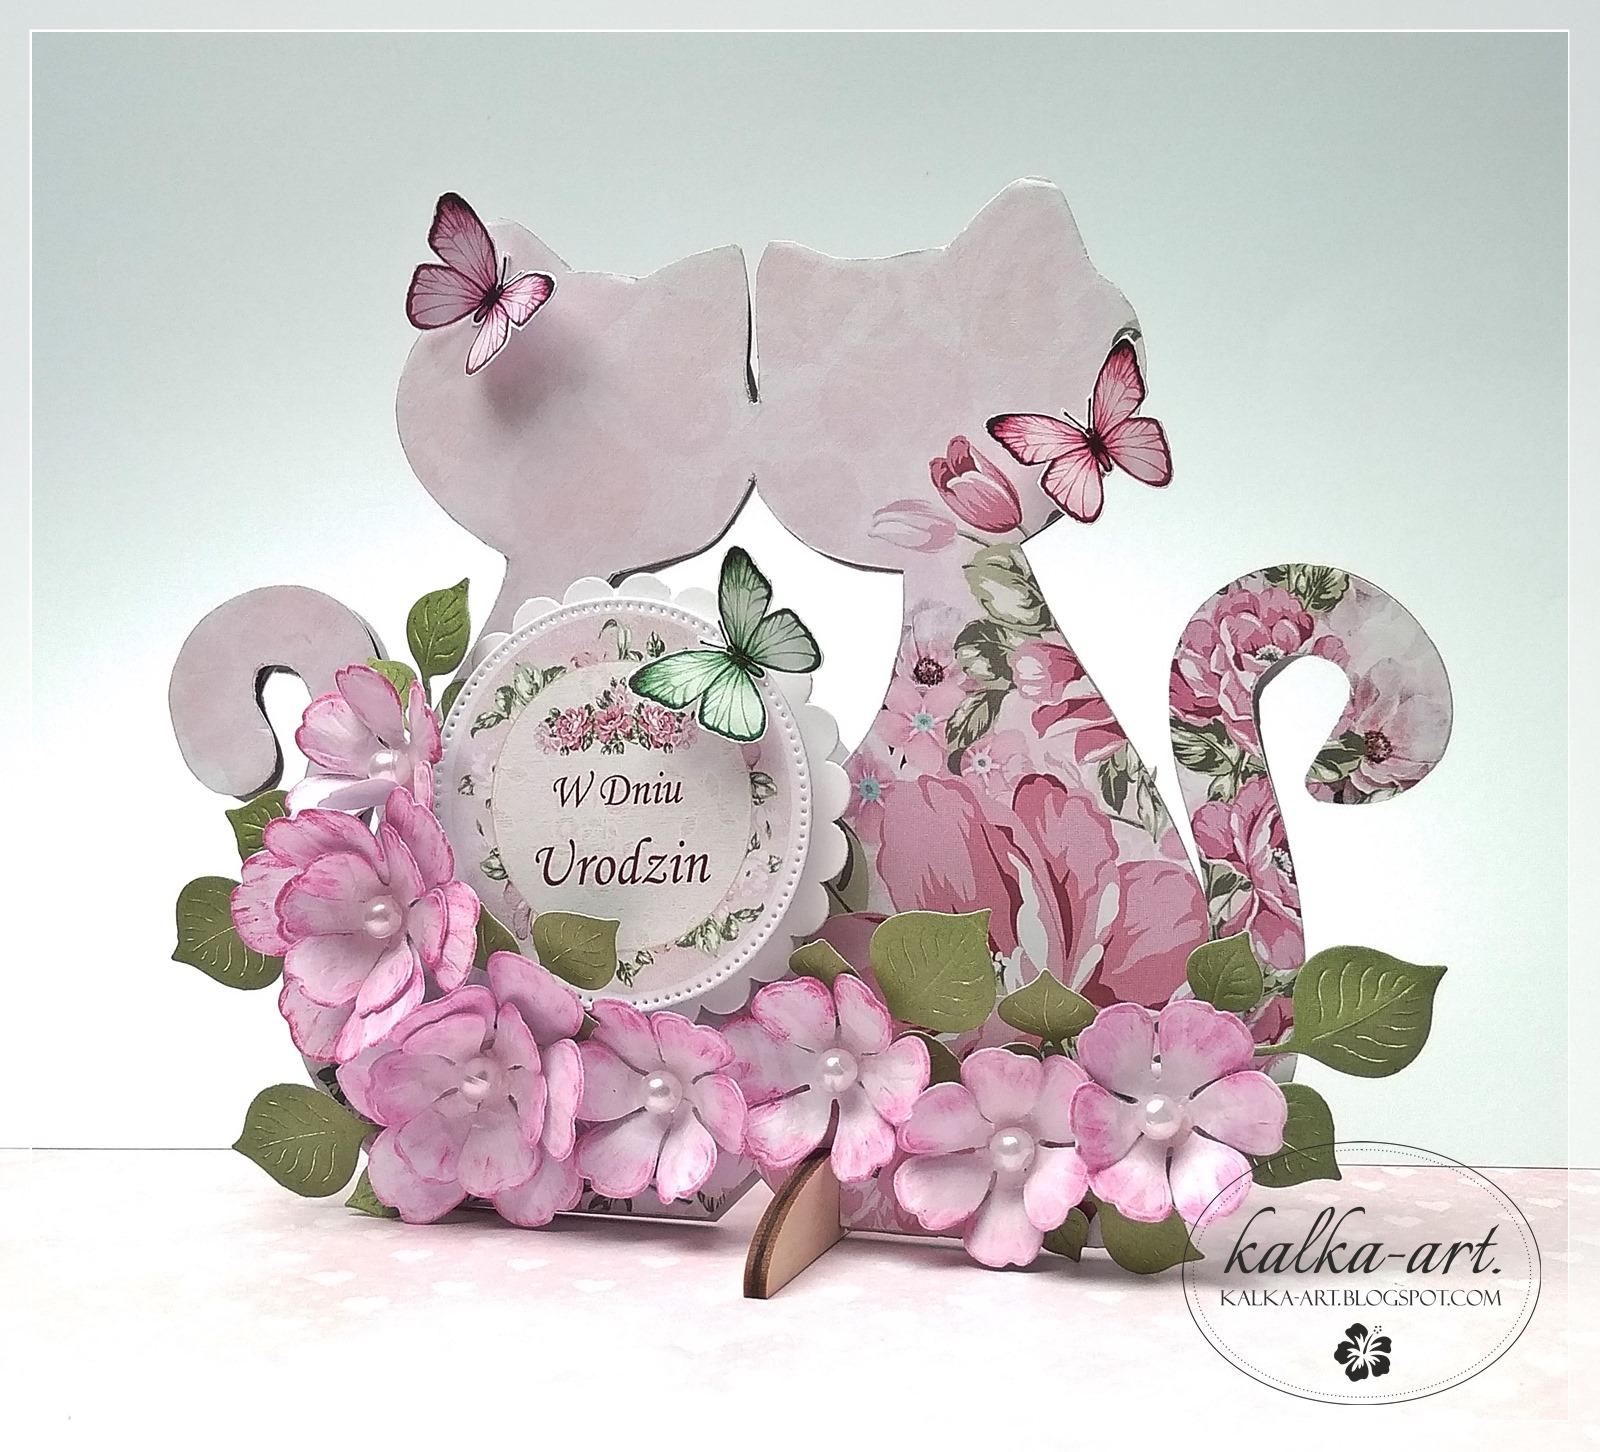 kartka w kształcie kotów wykonana przez Karolinę Zuziak